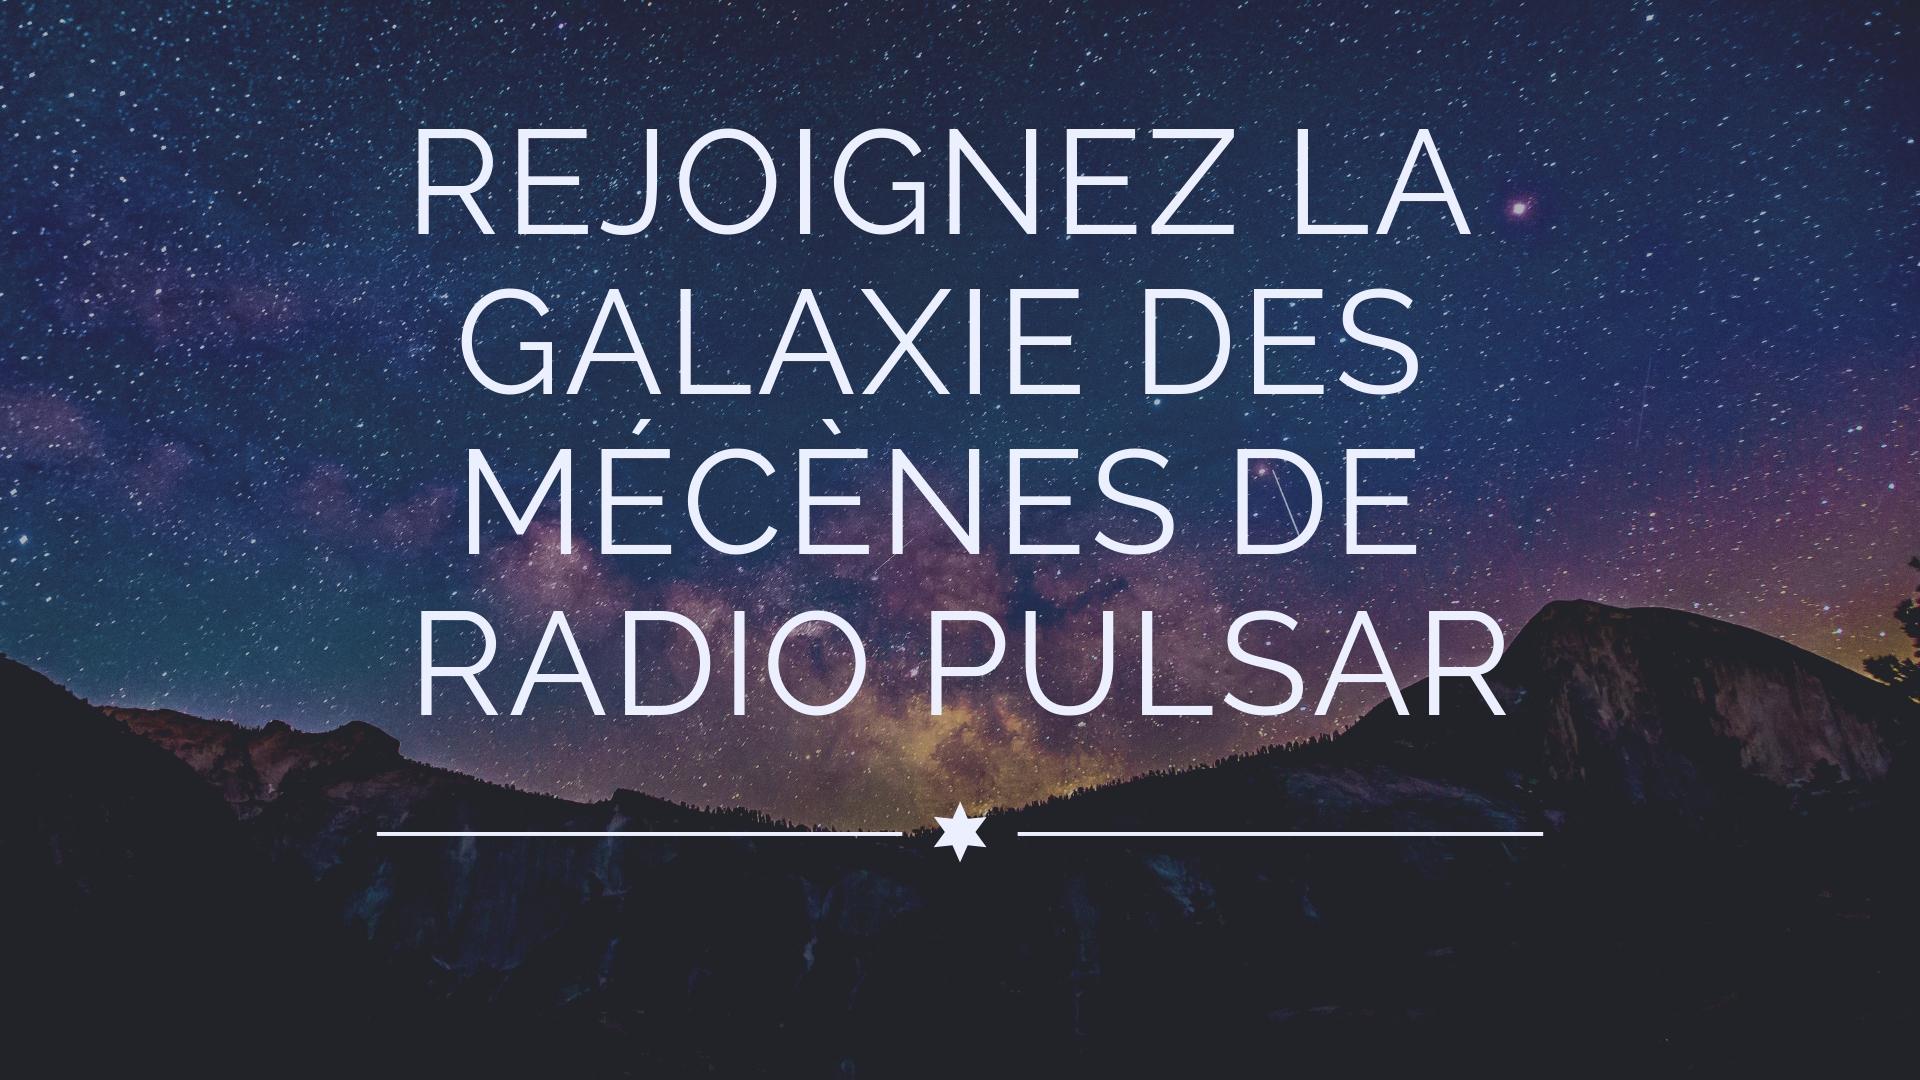 texte sur fond d'étoile, rejoignez la galaxie des mécènes de radio pulsar